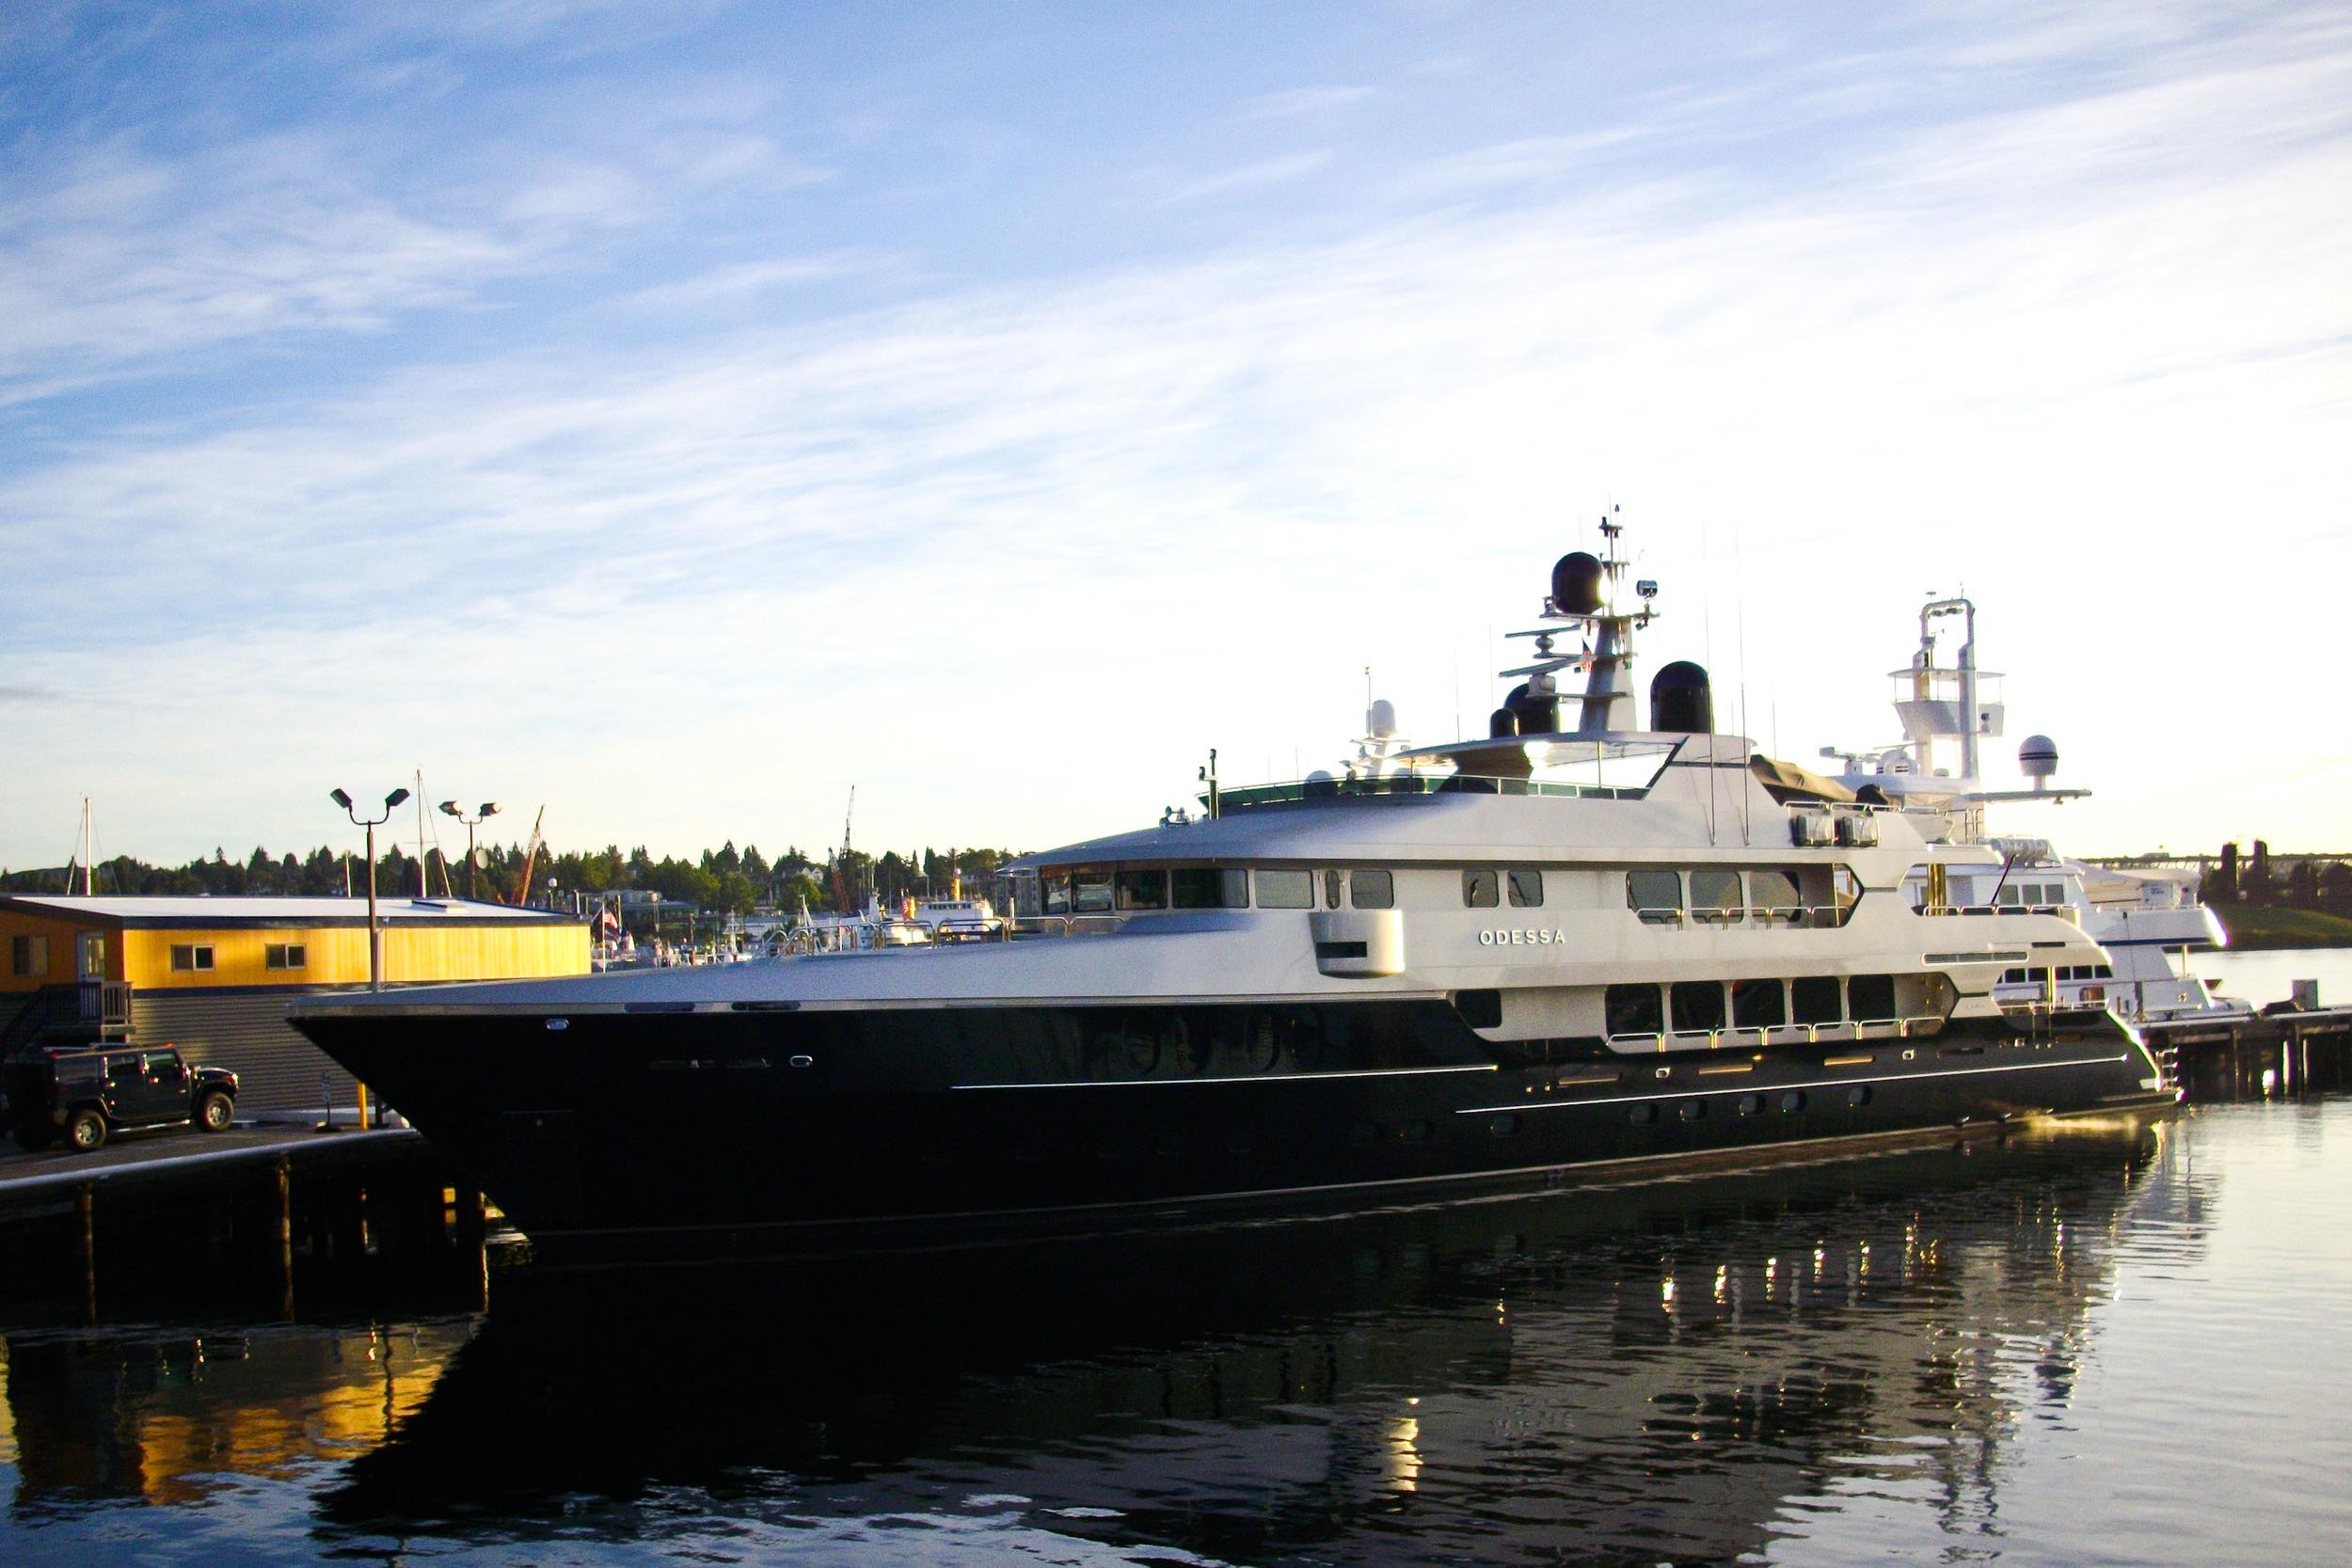 yacht at nautical landing